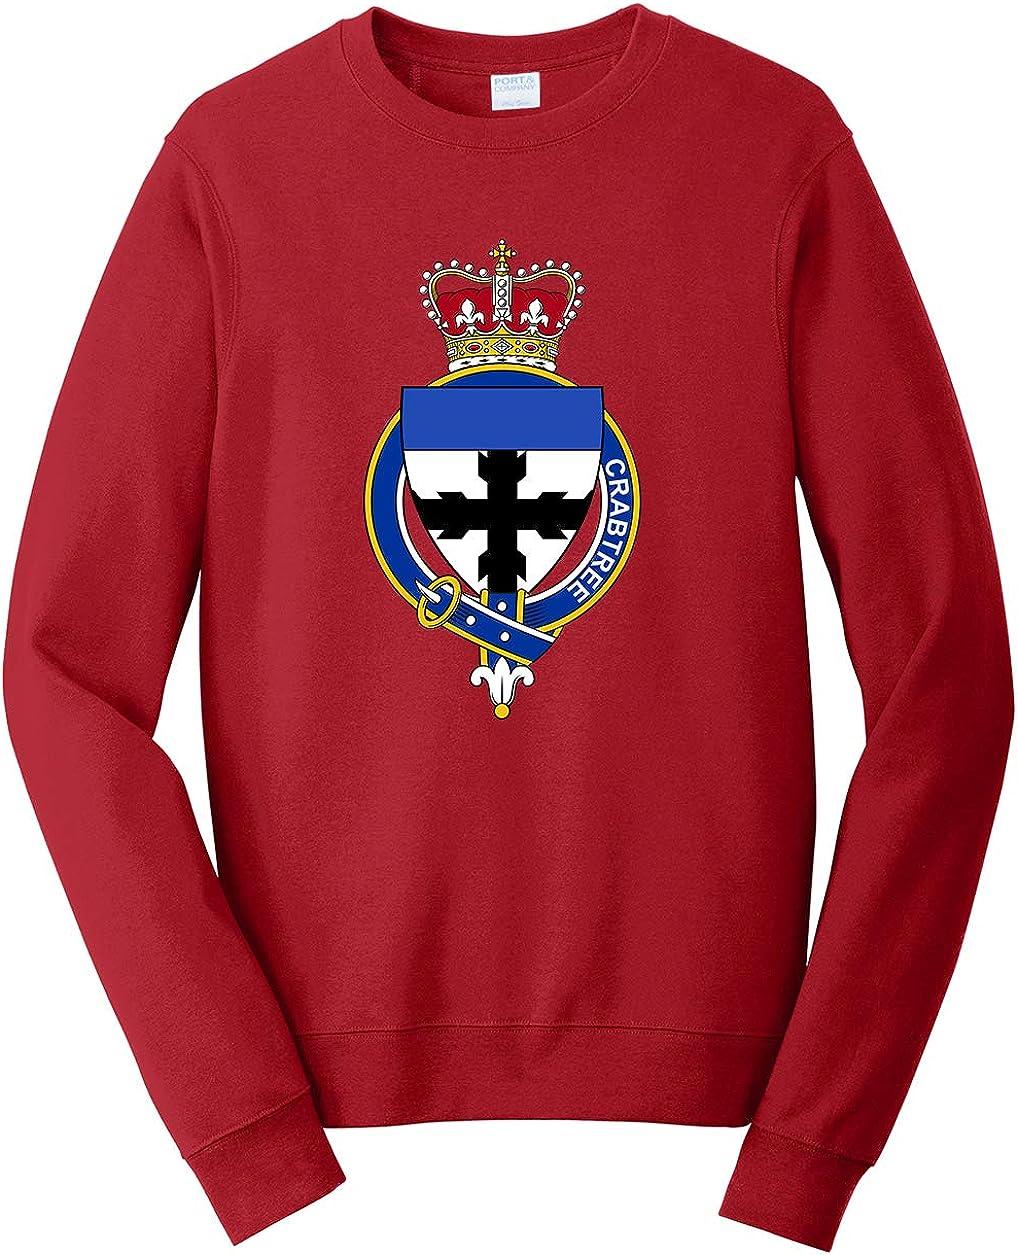 Tenacitee Unisex English Garter Family Crabtree Sweatshirt